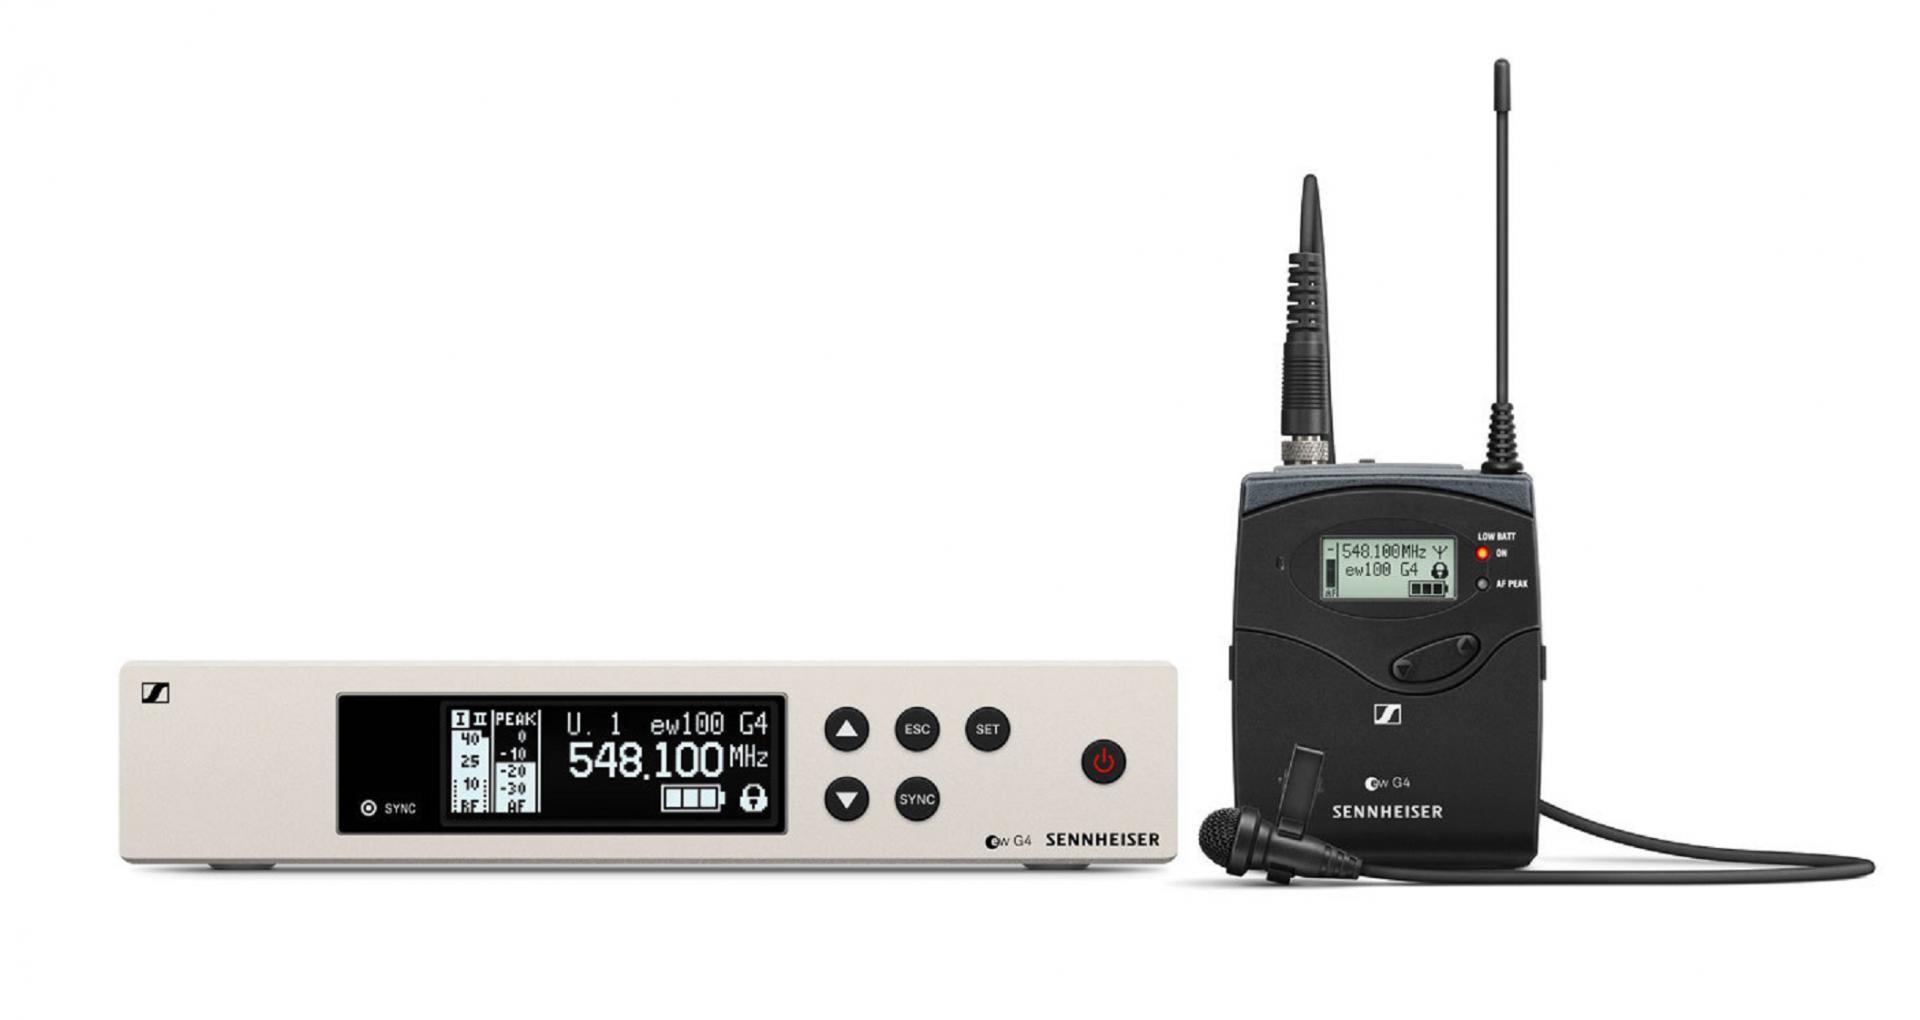 Sennheiser Ew 100 G4-Me4 Sistema inalámbrico de petaca